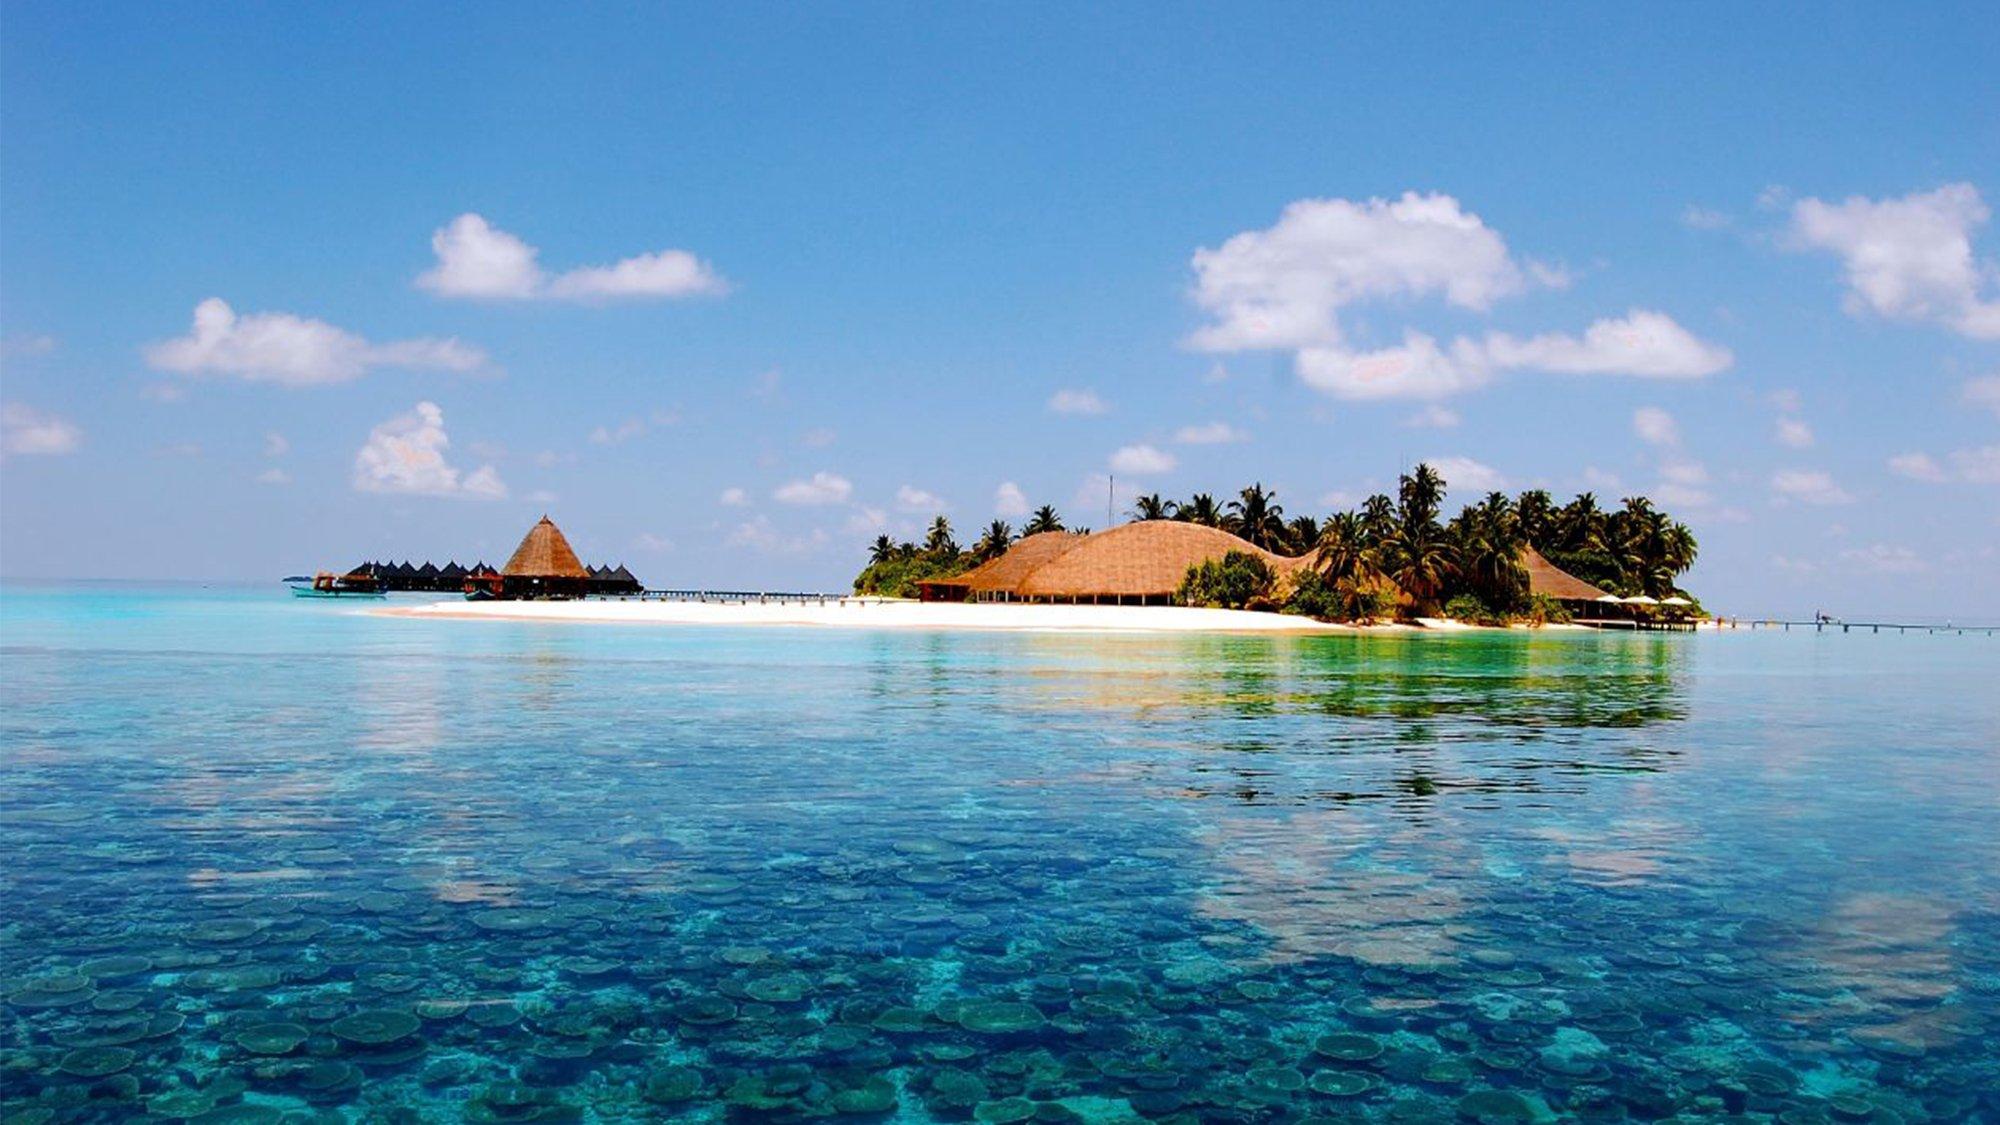 ເວລາທີ່ດີທີ່ສຸດຂອງປີເພື່ອໄປຢ້ຽມຢາມ Maldives